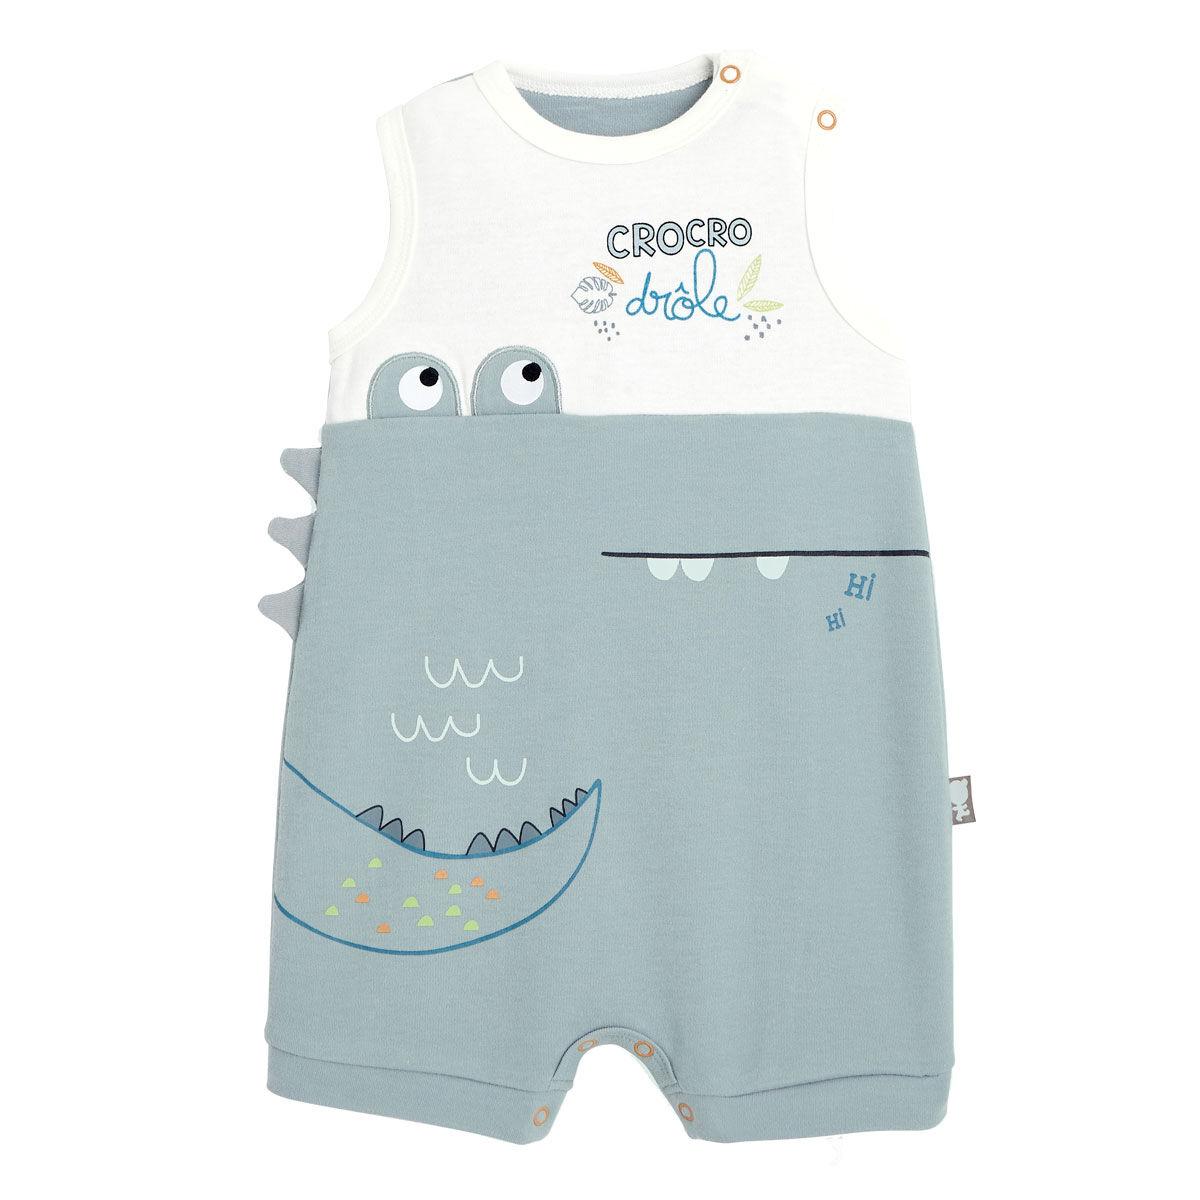 Petit Béguin Barboteuse bébé garçon Croco Jungle - Taille - 6 mois